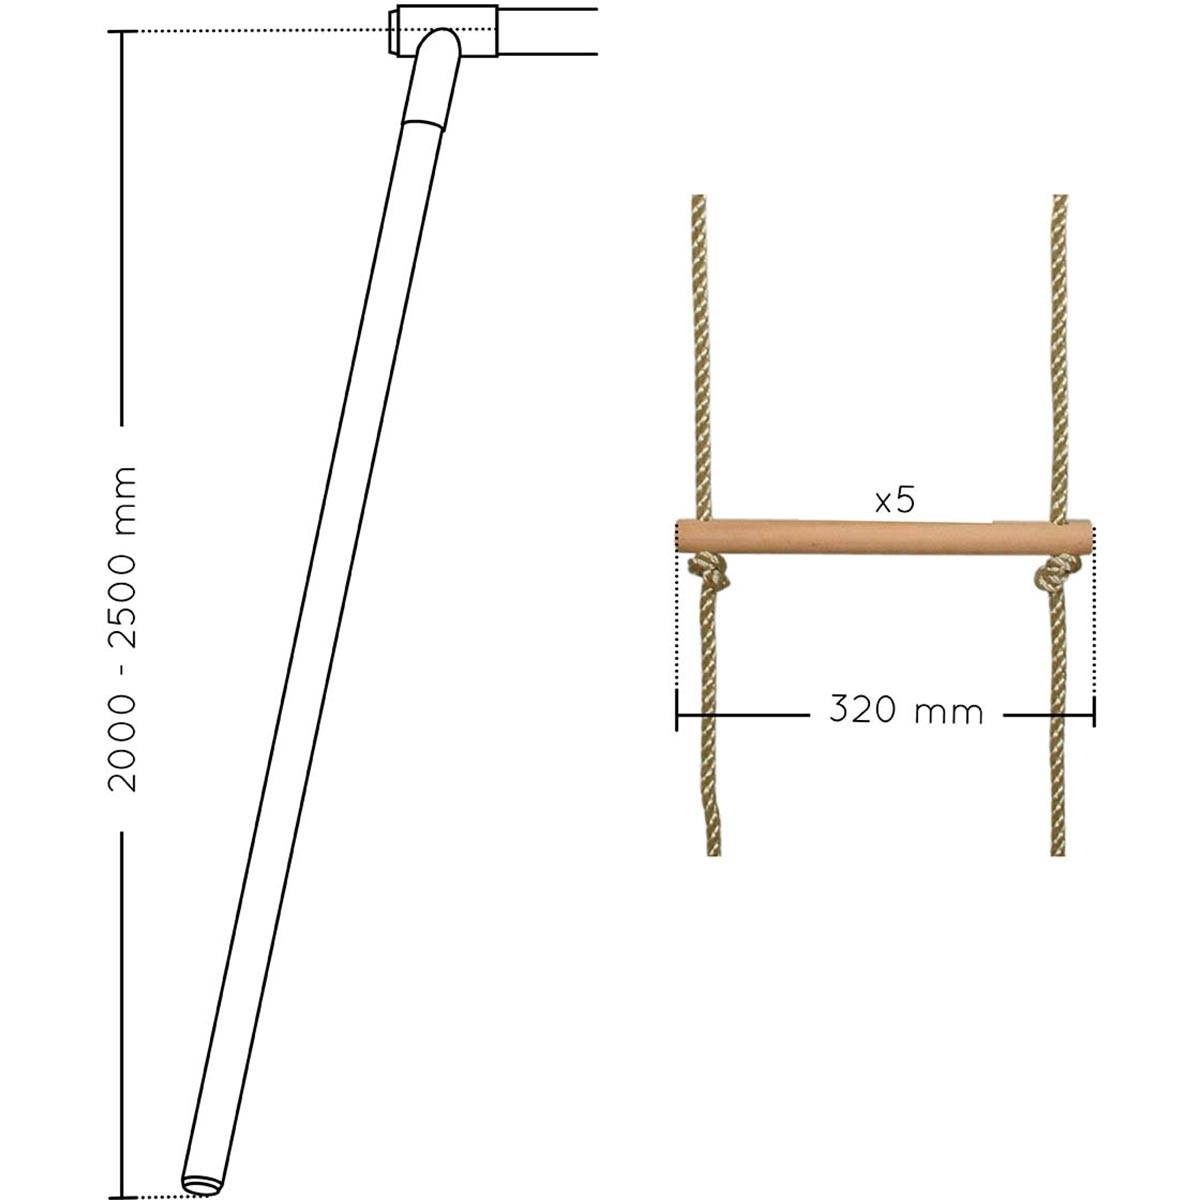 SOULET Echelle pour portique 5 barreaux bois et corde (agrès) - Soulet